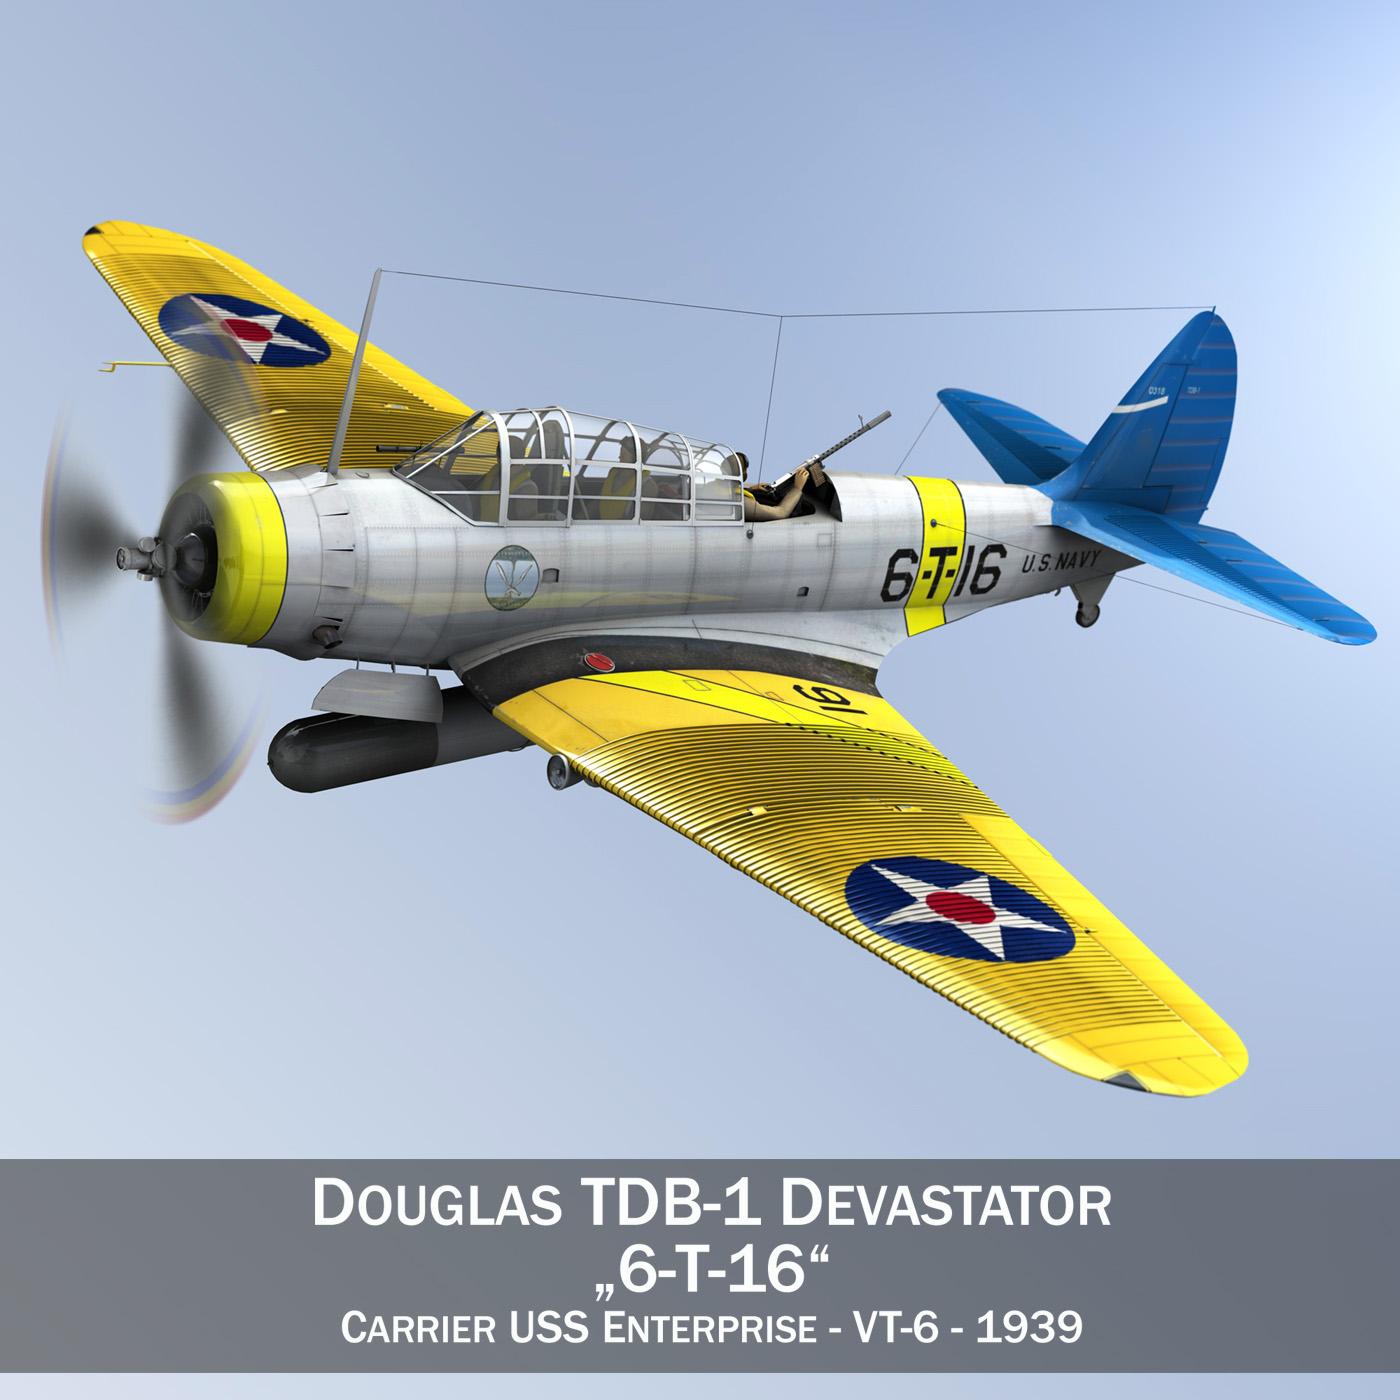 douglas tdb-1 devastator - 6t16 3d mudel 3ds fbx c4d lwo obj 270362